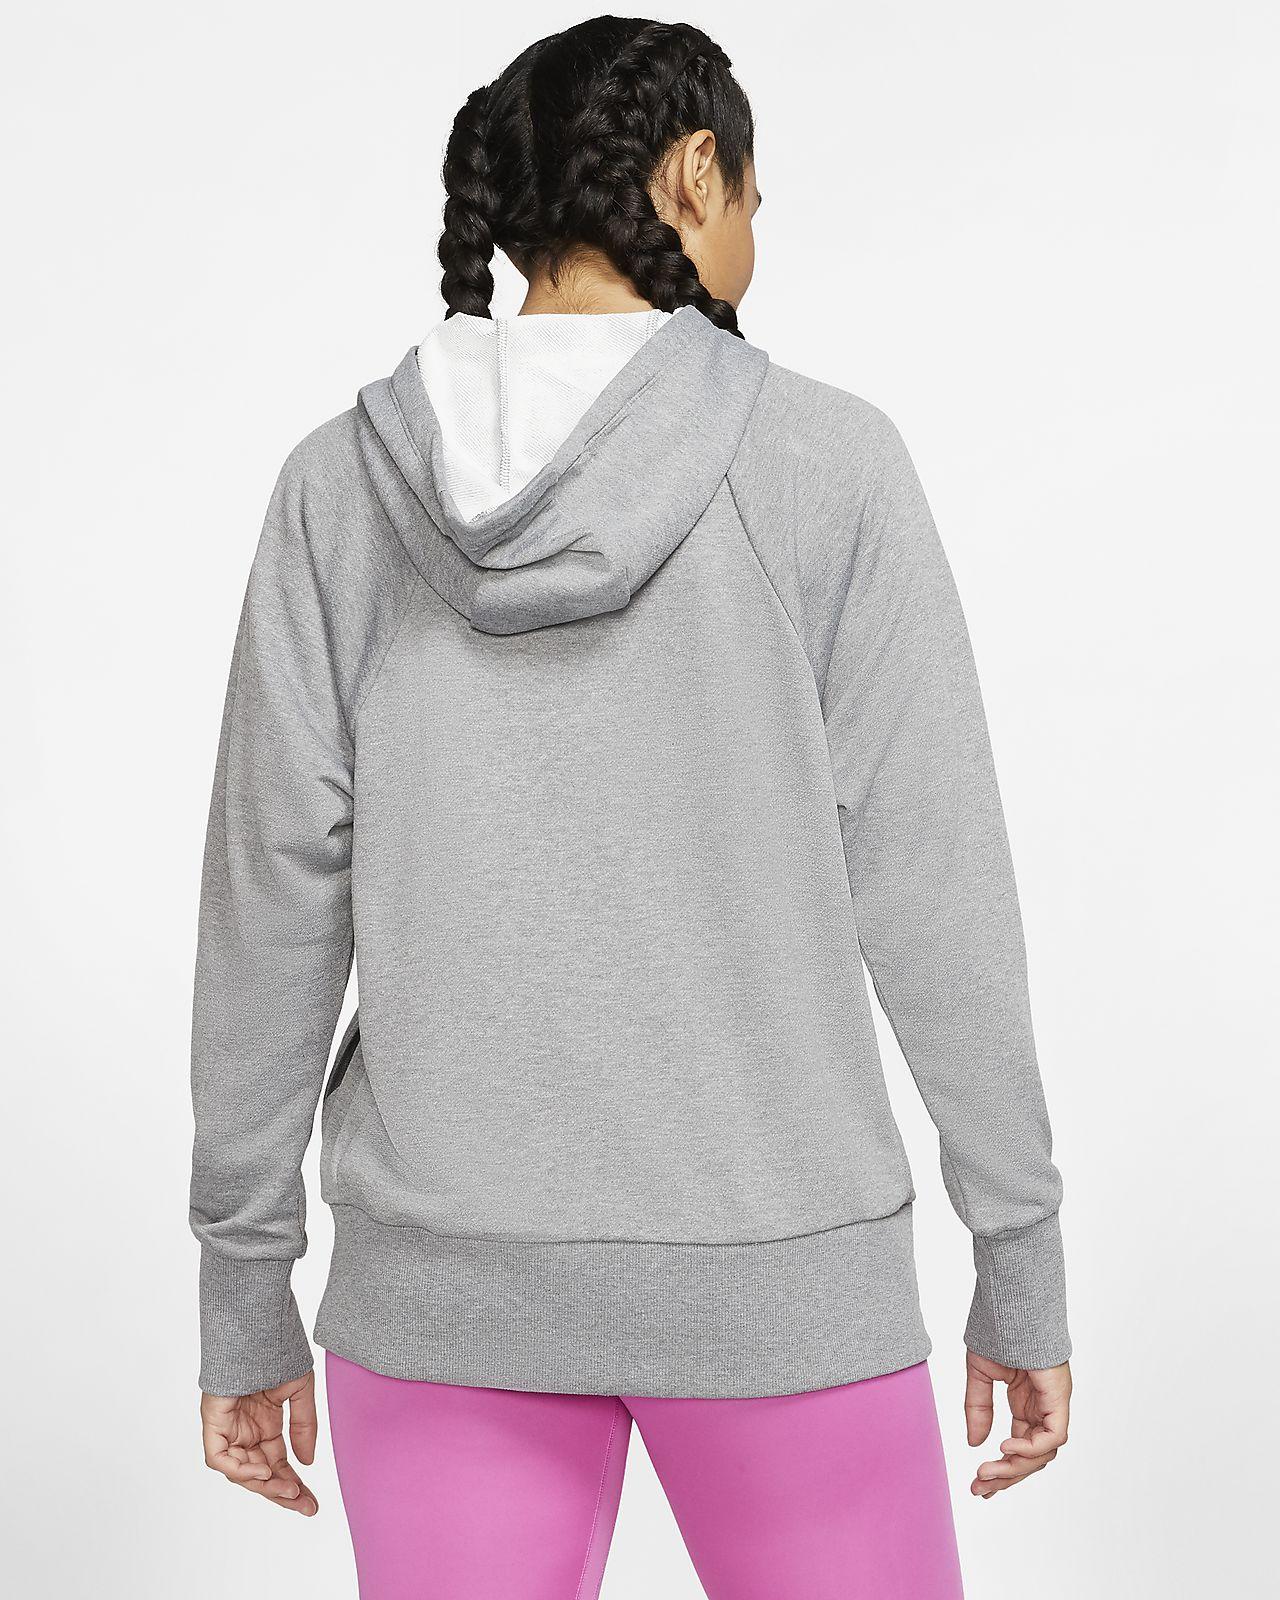 Dri FIT Get Fit treningshettejakke i fleece til dame